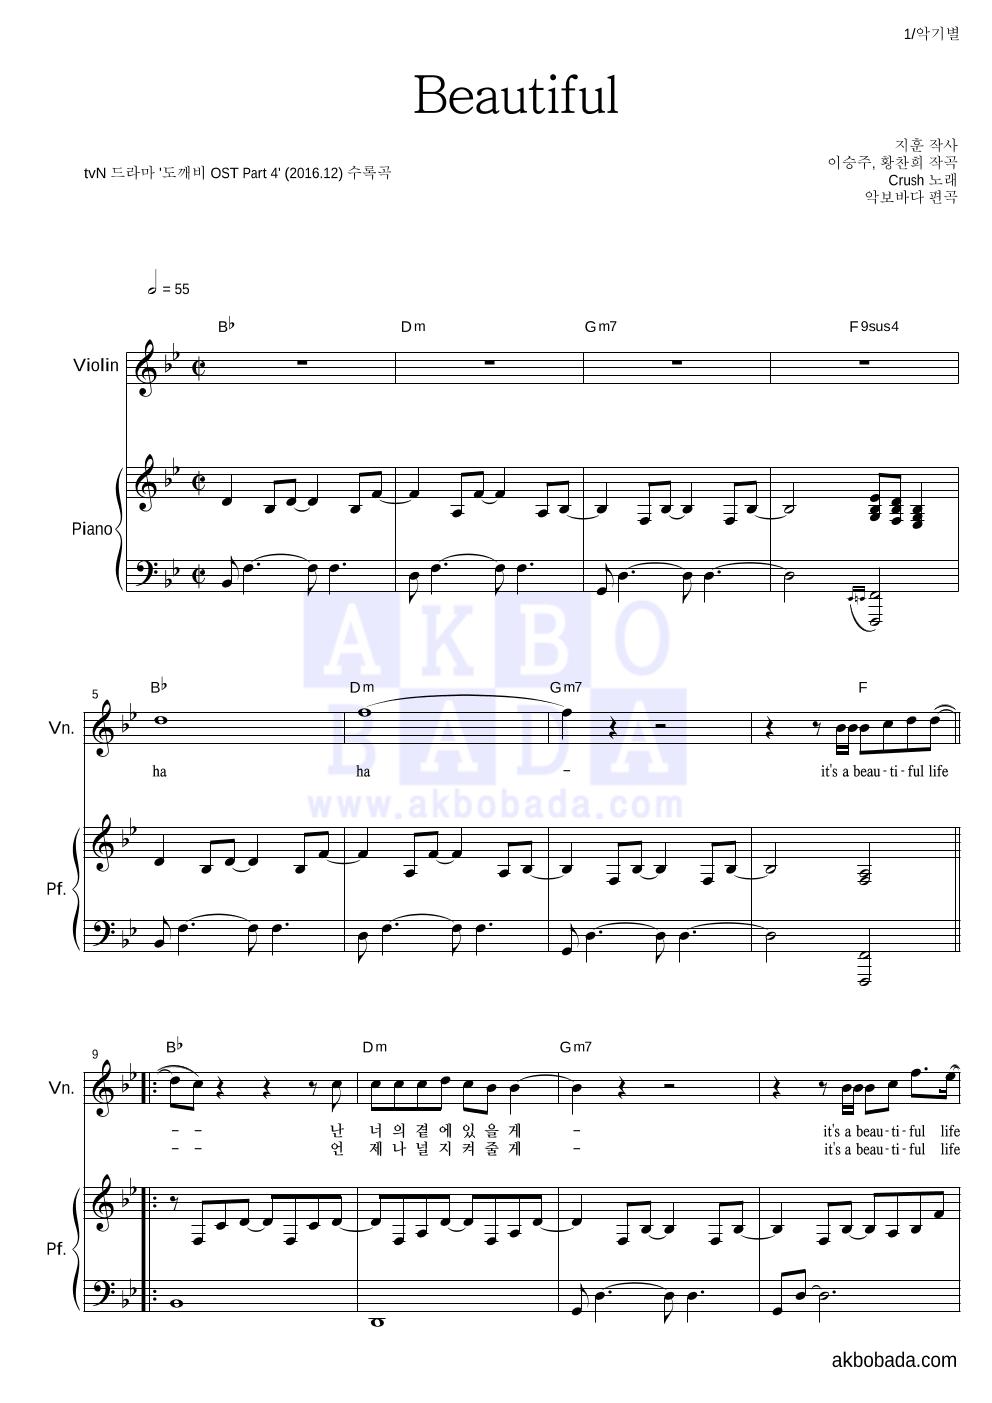 크러쉬 - Beautiful 바이올린&피아노 악보